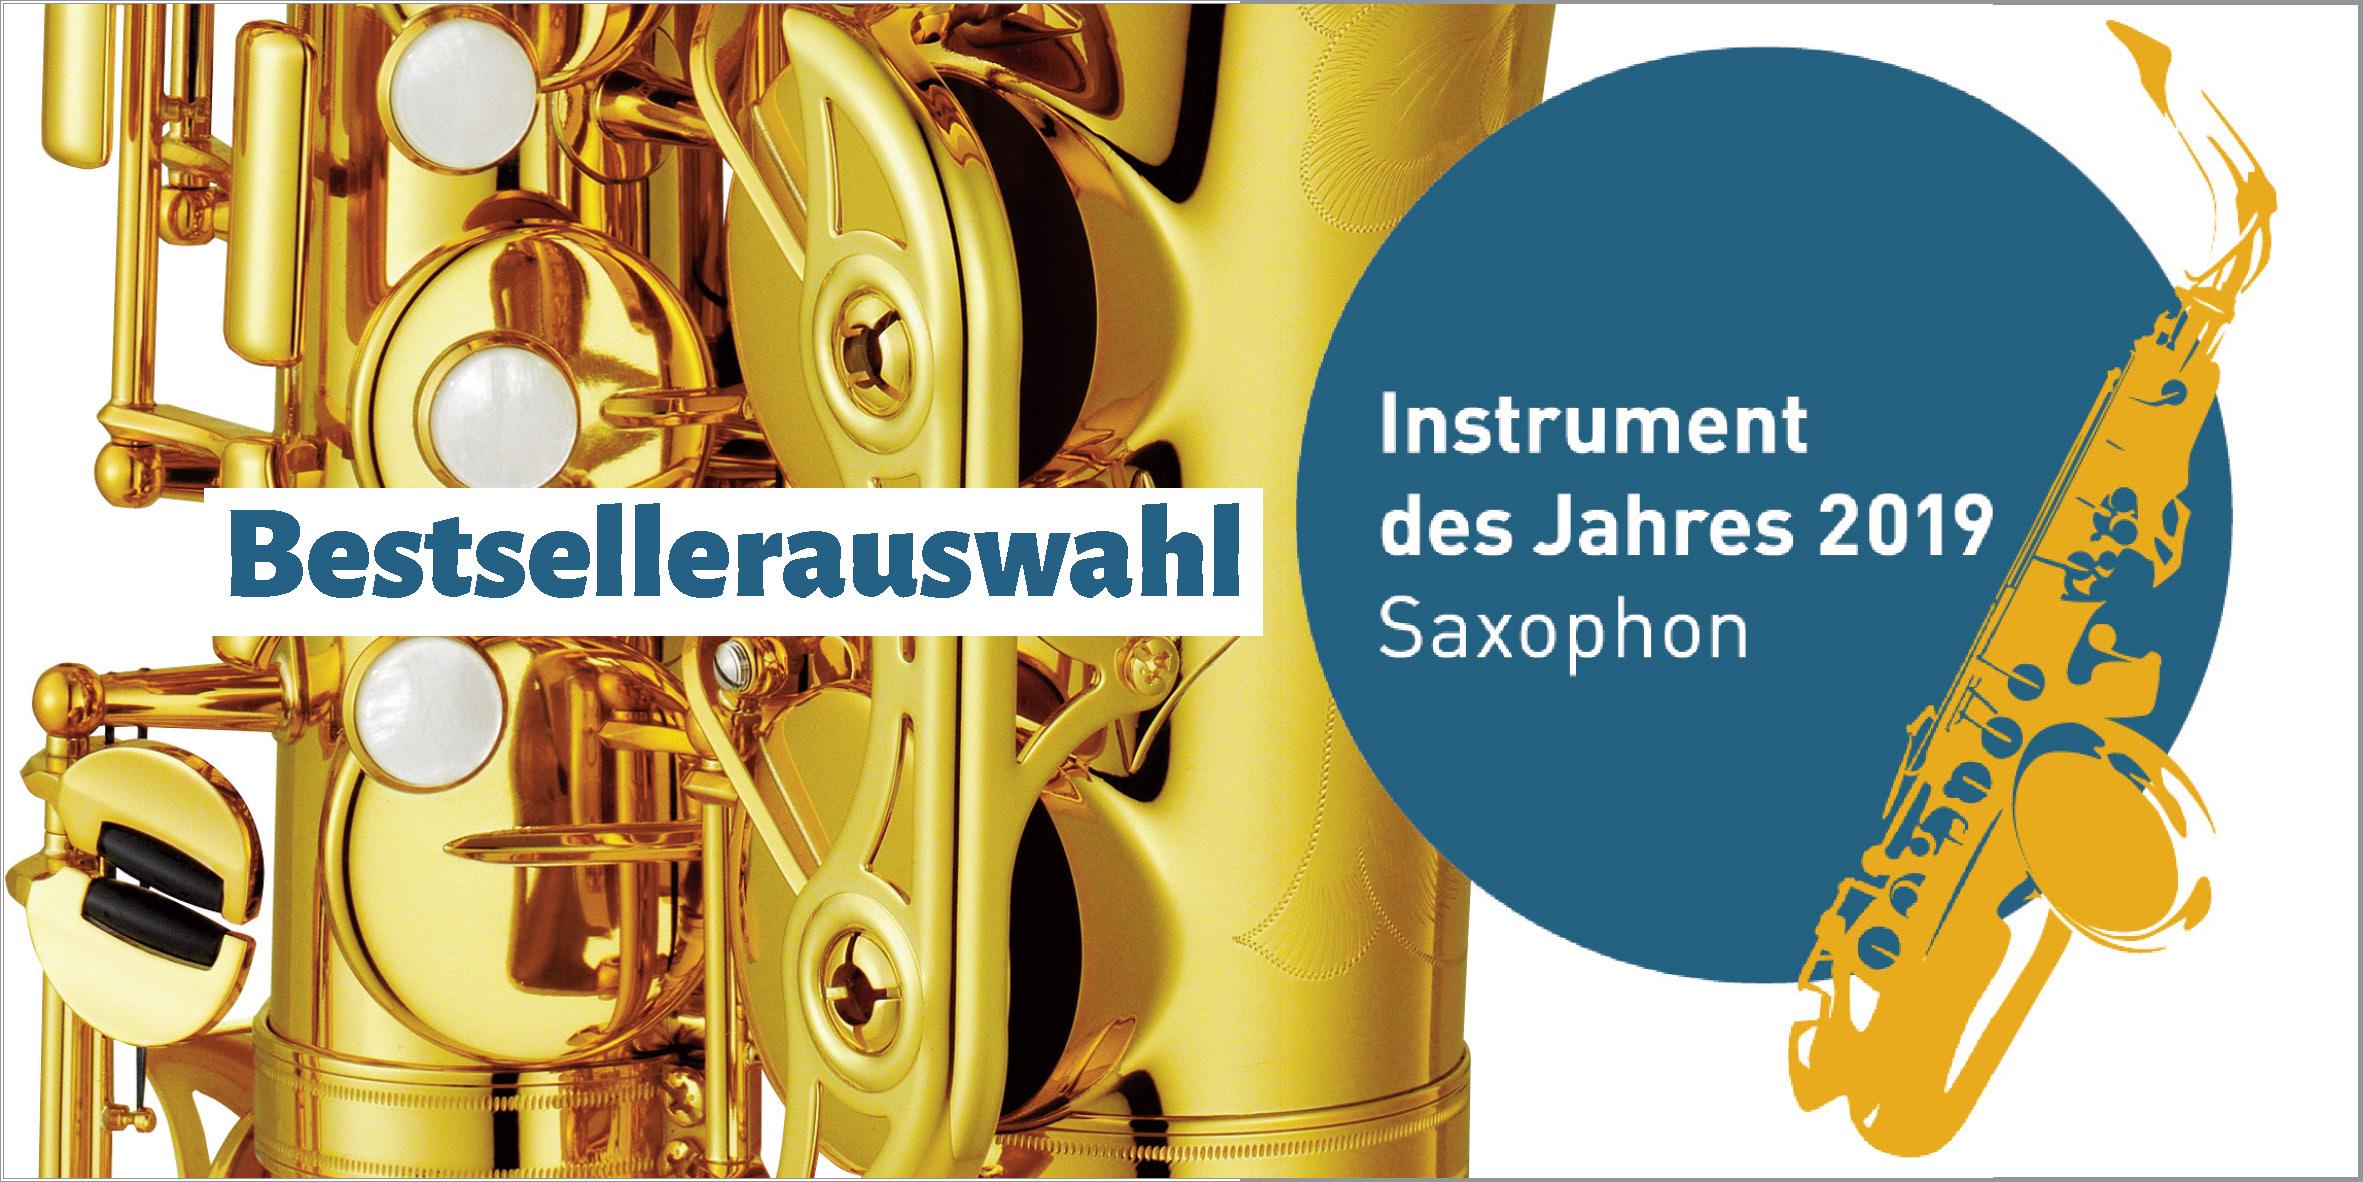 Saxophon - Musikinstrument des Jahres 2019